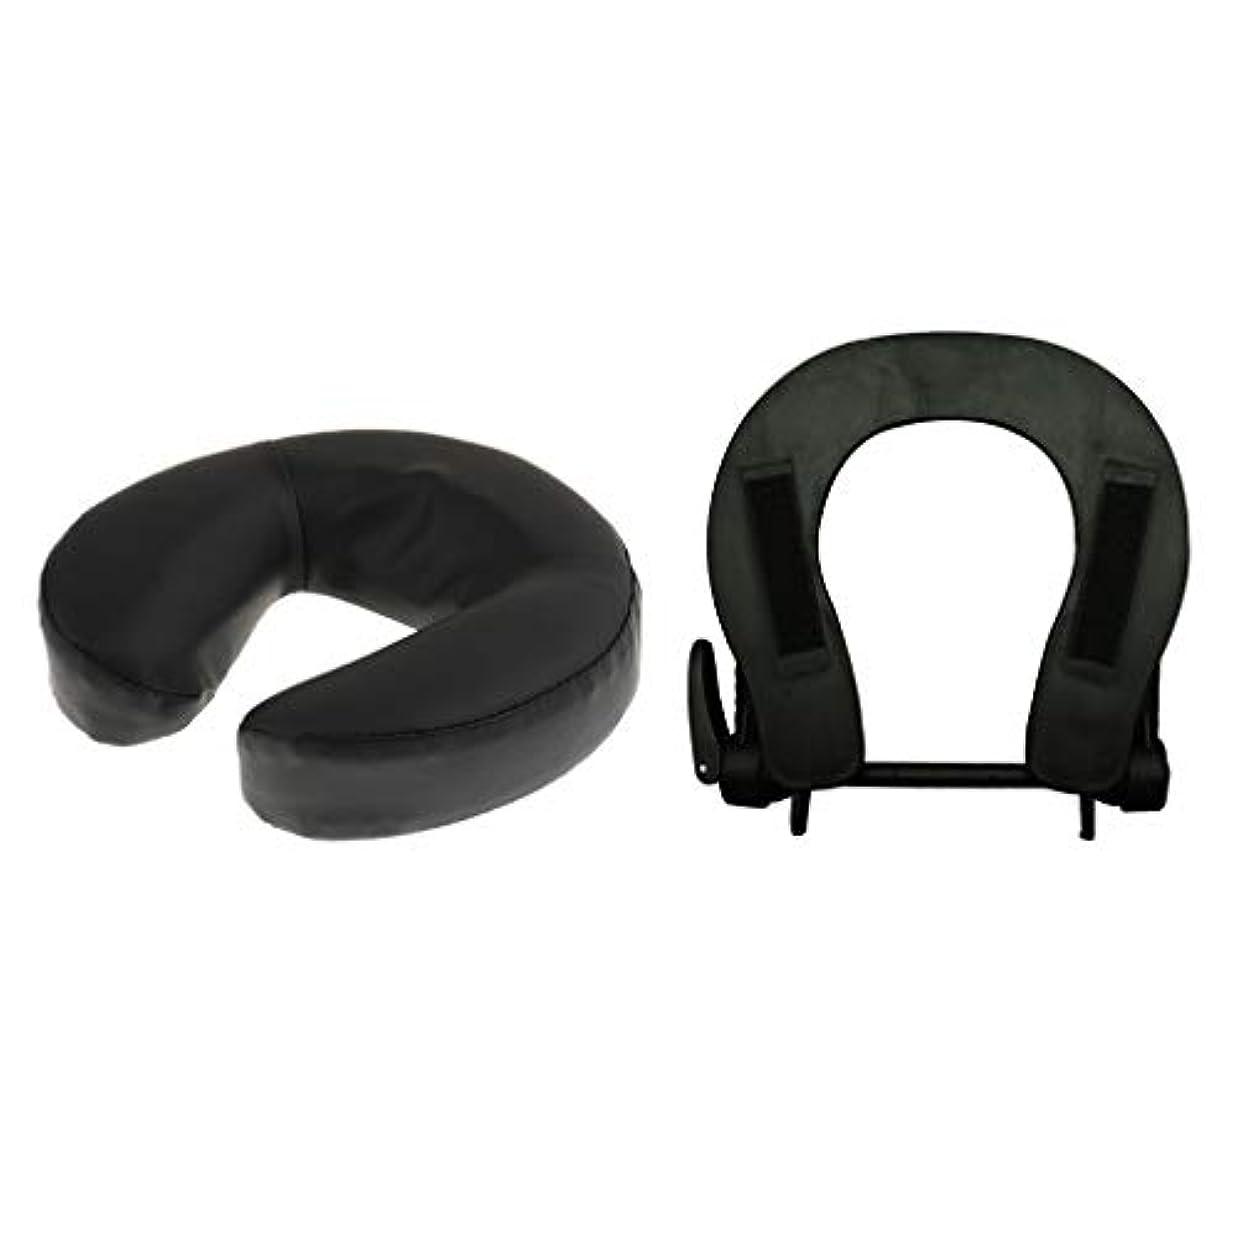 保護突破口メリーフェイスマット 顔マクラ マッサージ枕 顔枕 フェイスクレードル 調節可能 マッサージテーブル 汎用